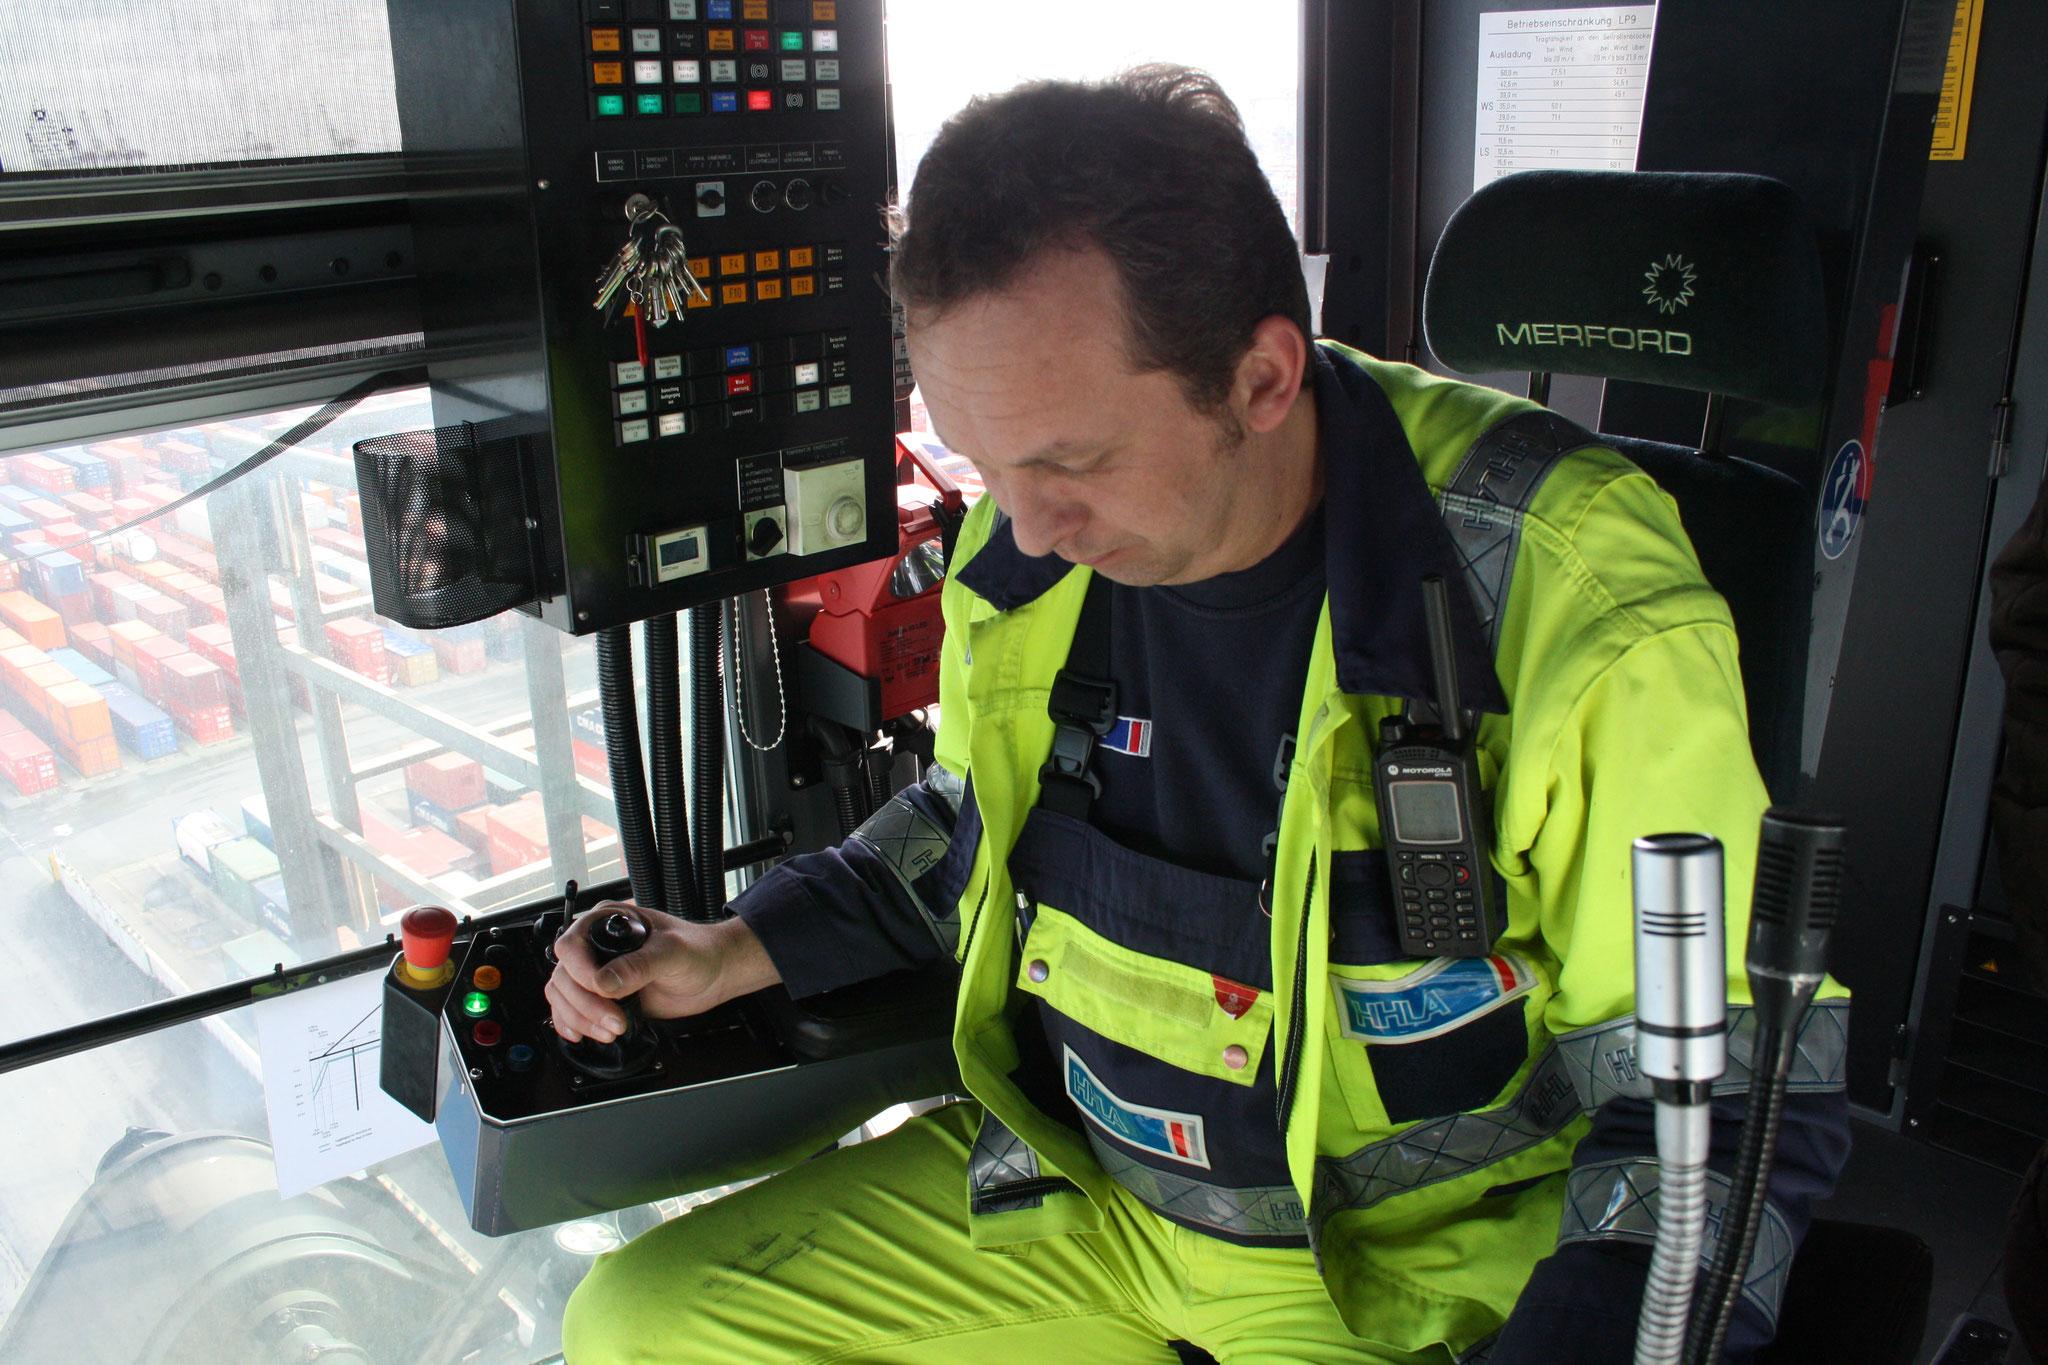 HHLA-Containerbrückenfahrer, für Spiegel Online